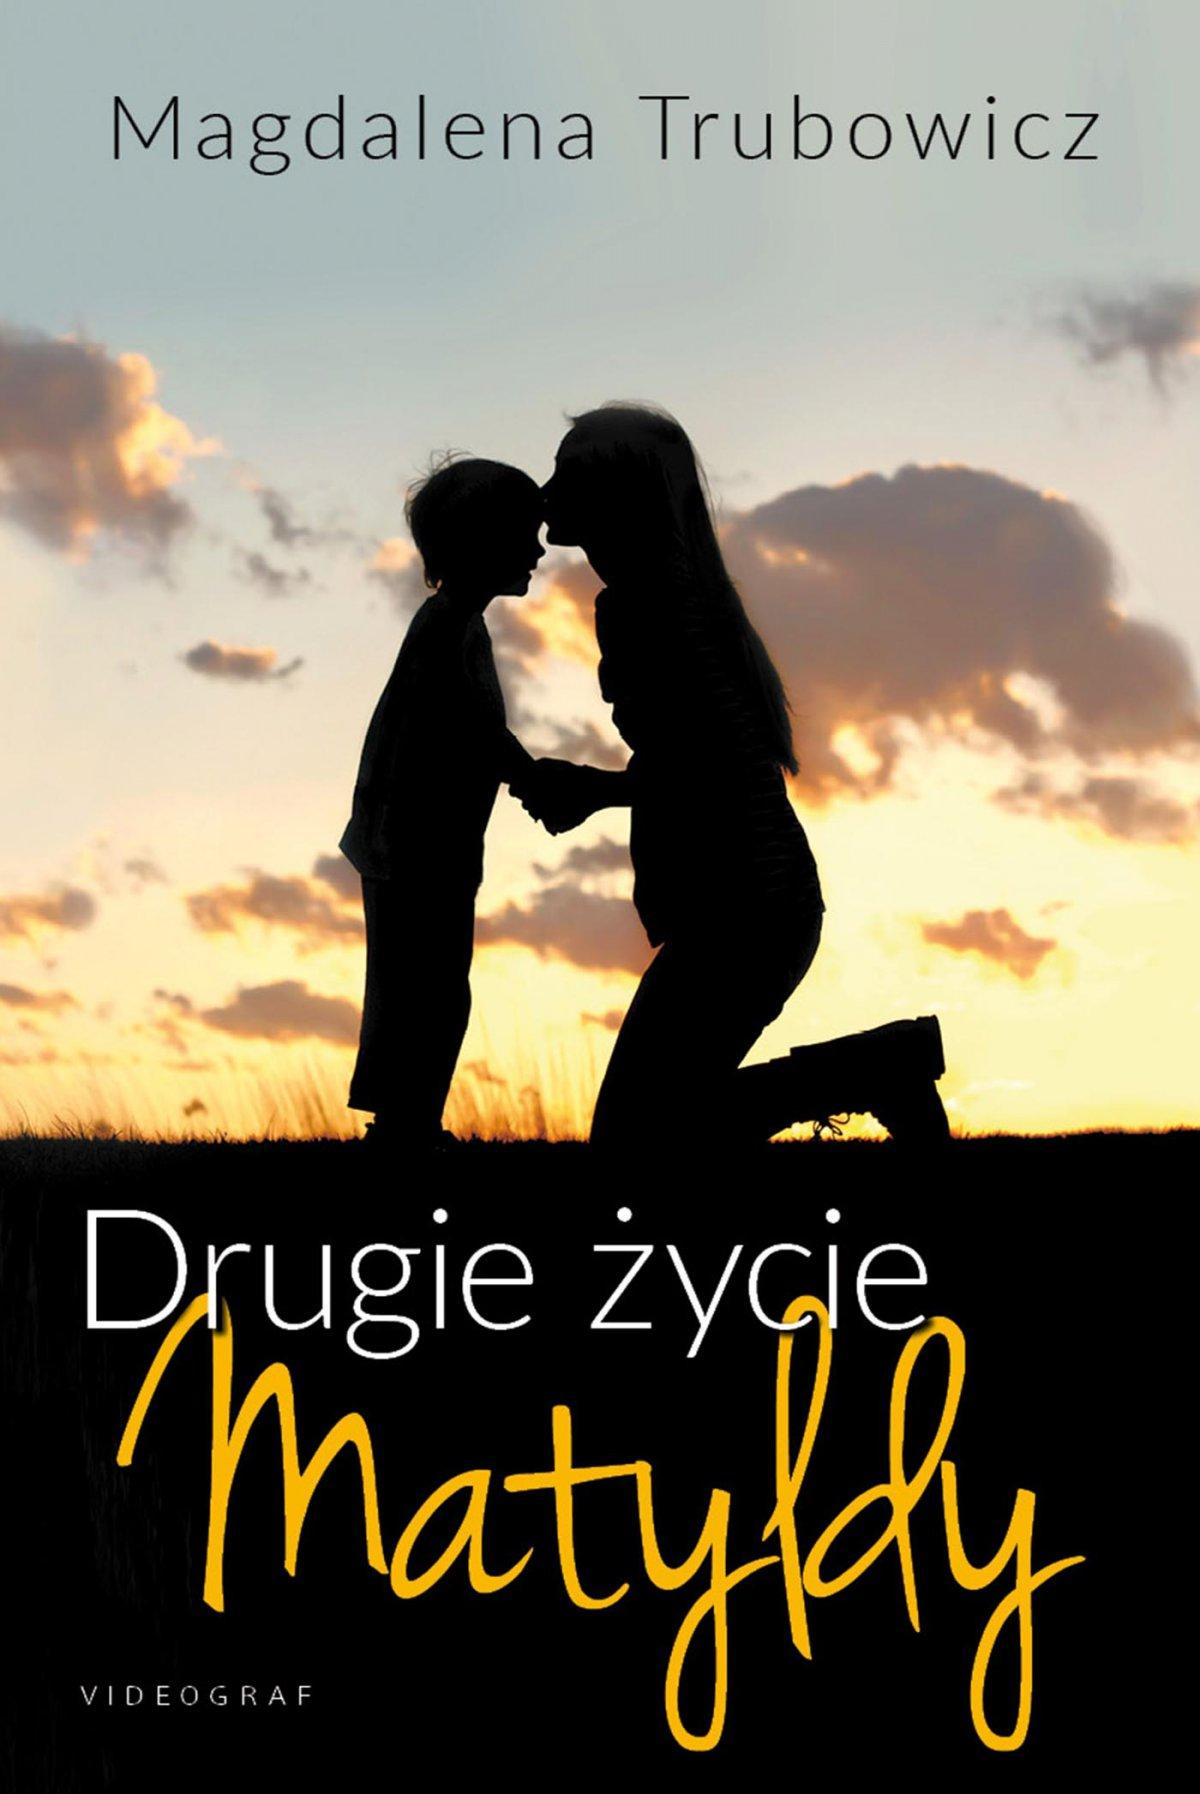 Drugie życie Matyldy - Ebook (Książka EPUB) do pobrania w formacie EPUB